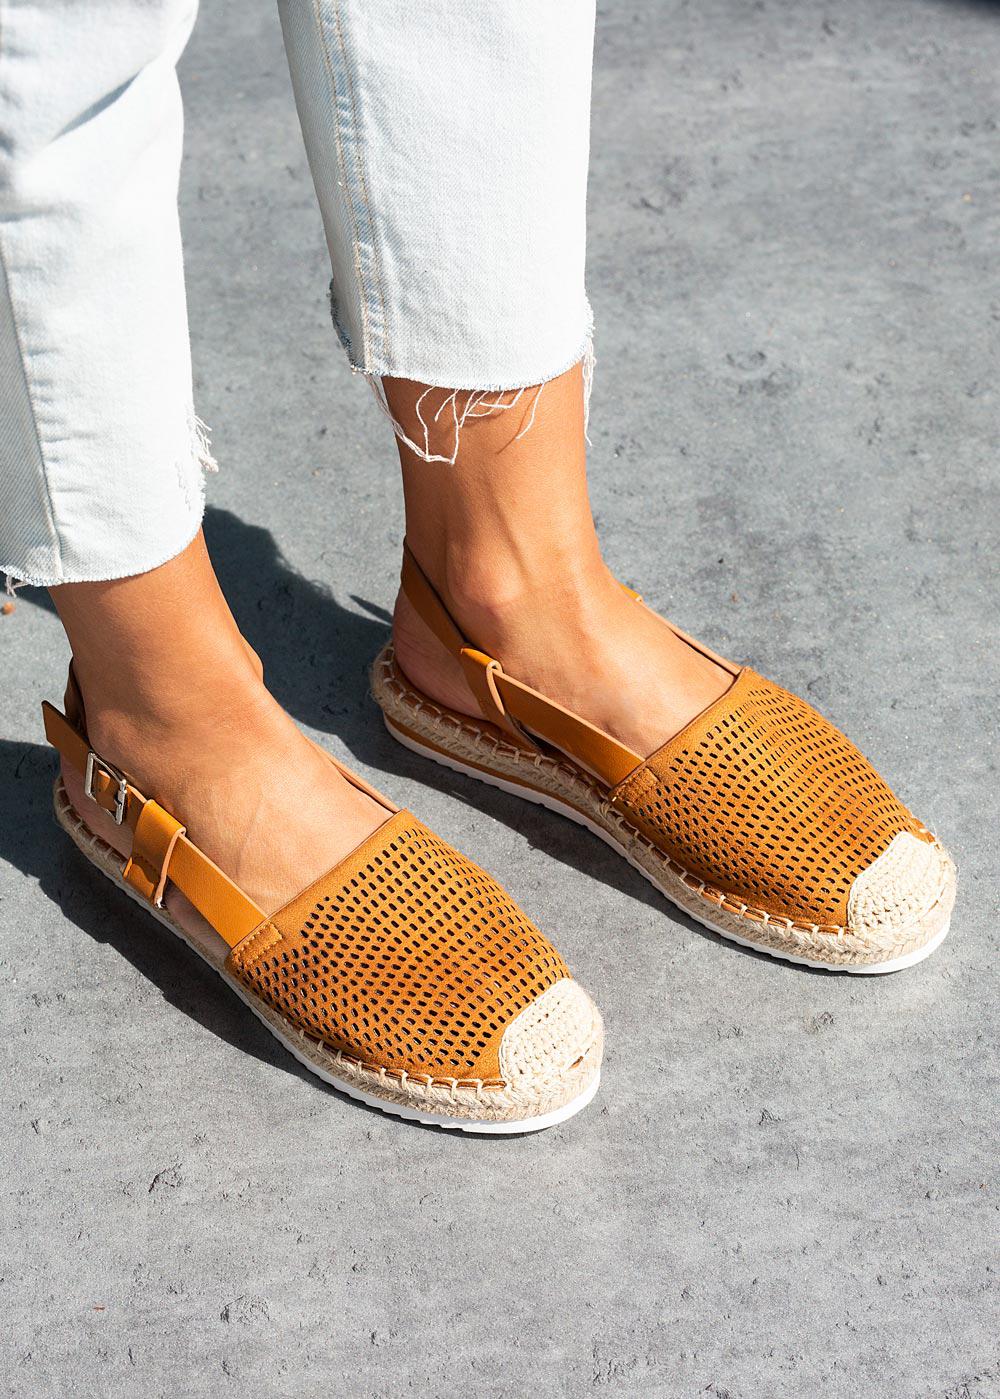 Camelowe sandały espadryle ażurowe z zakrytymi palcami Casu C20X4/C camel